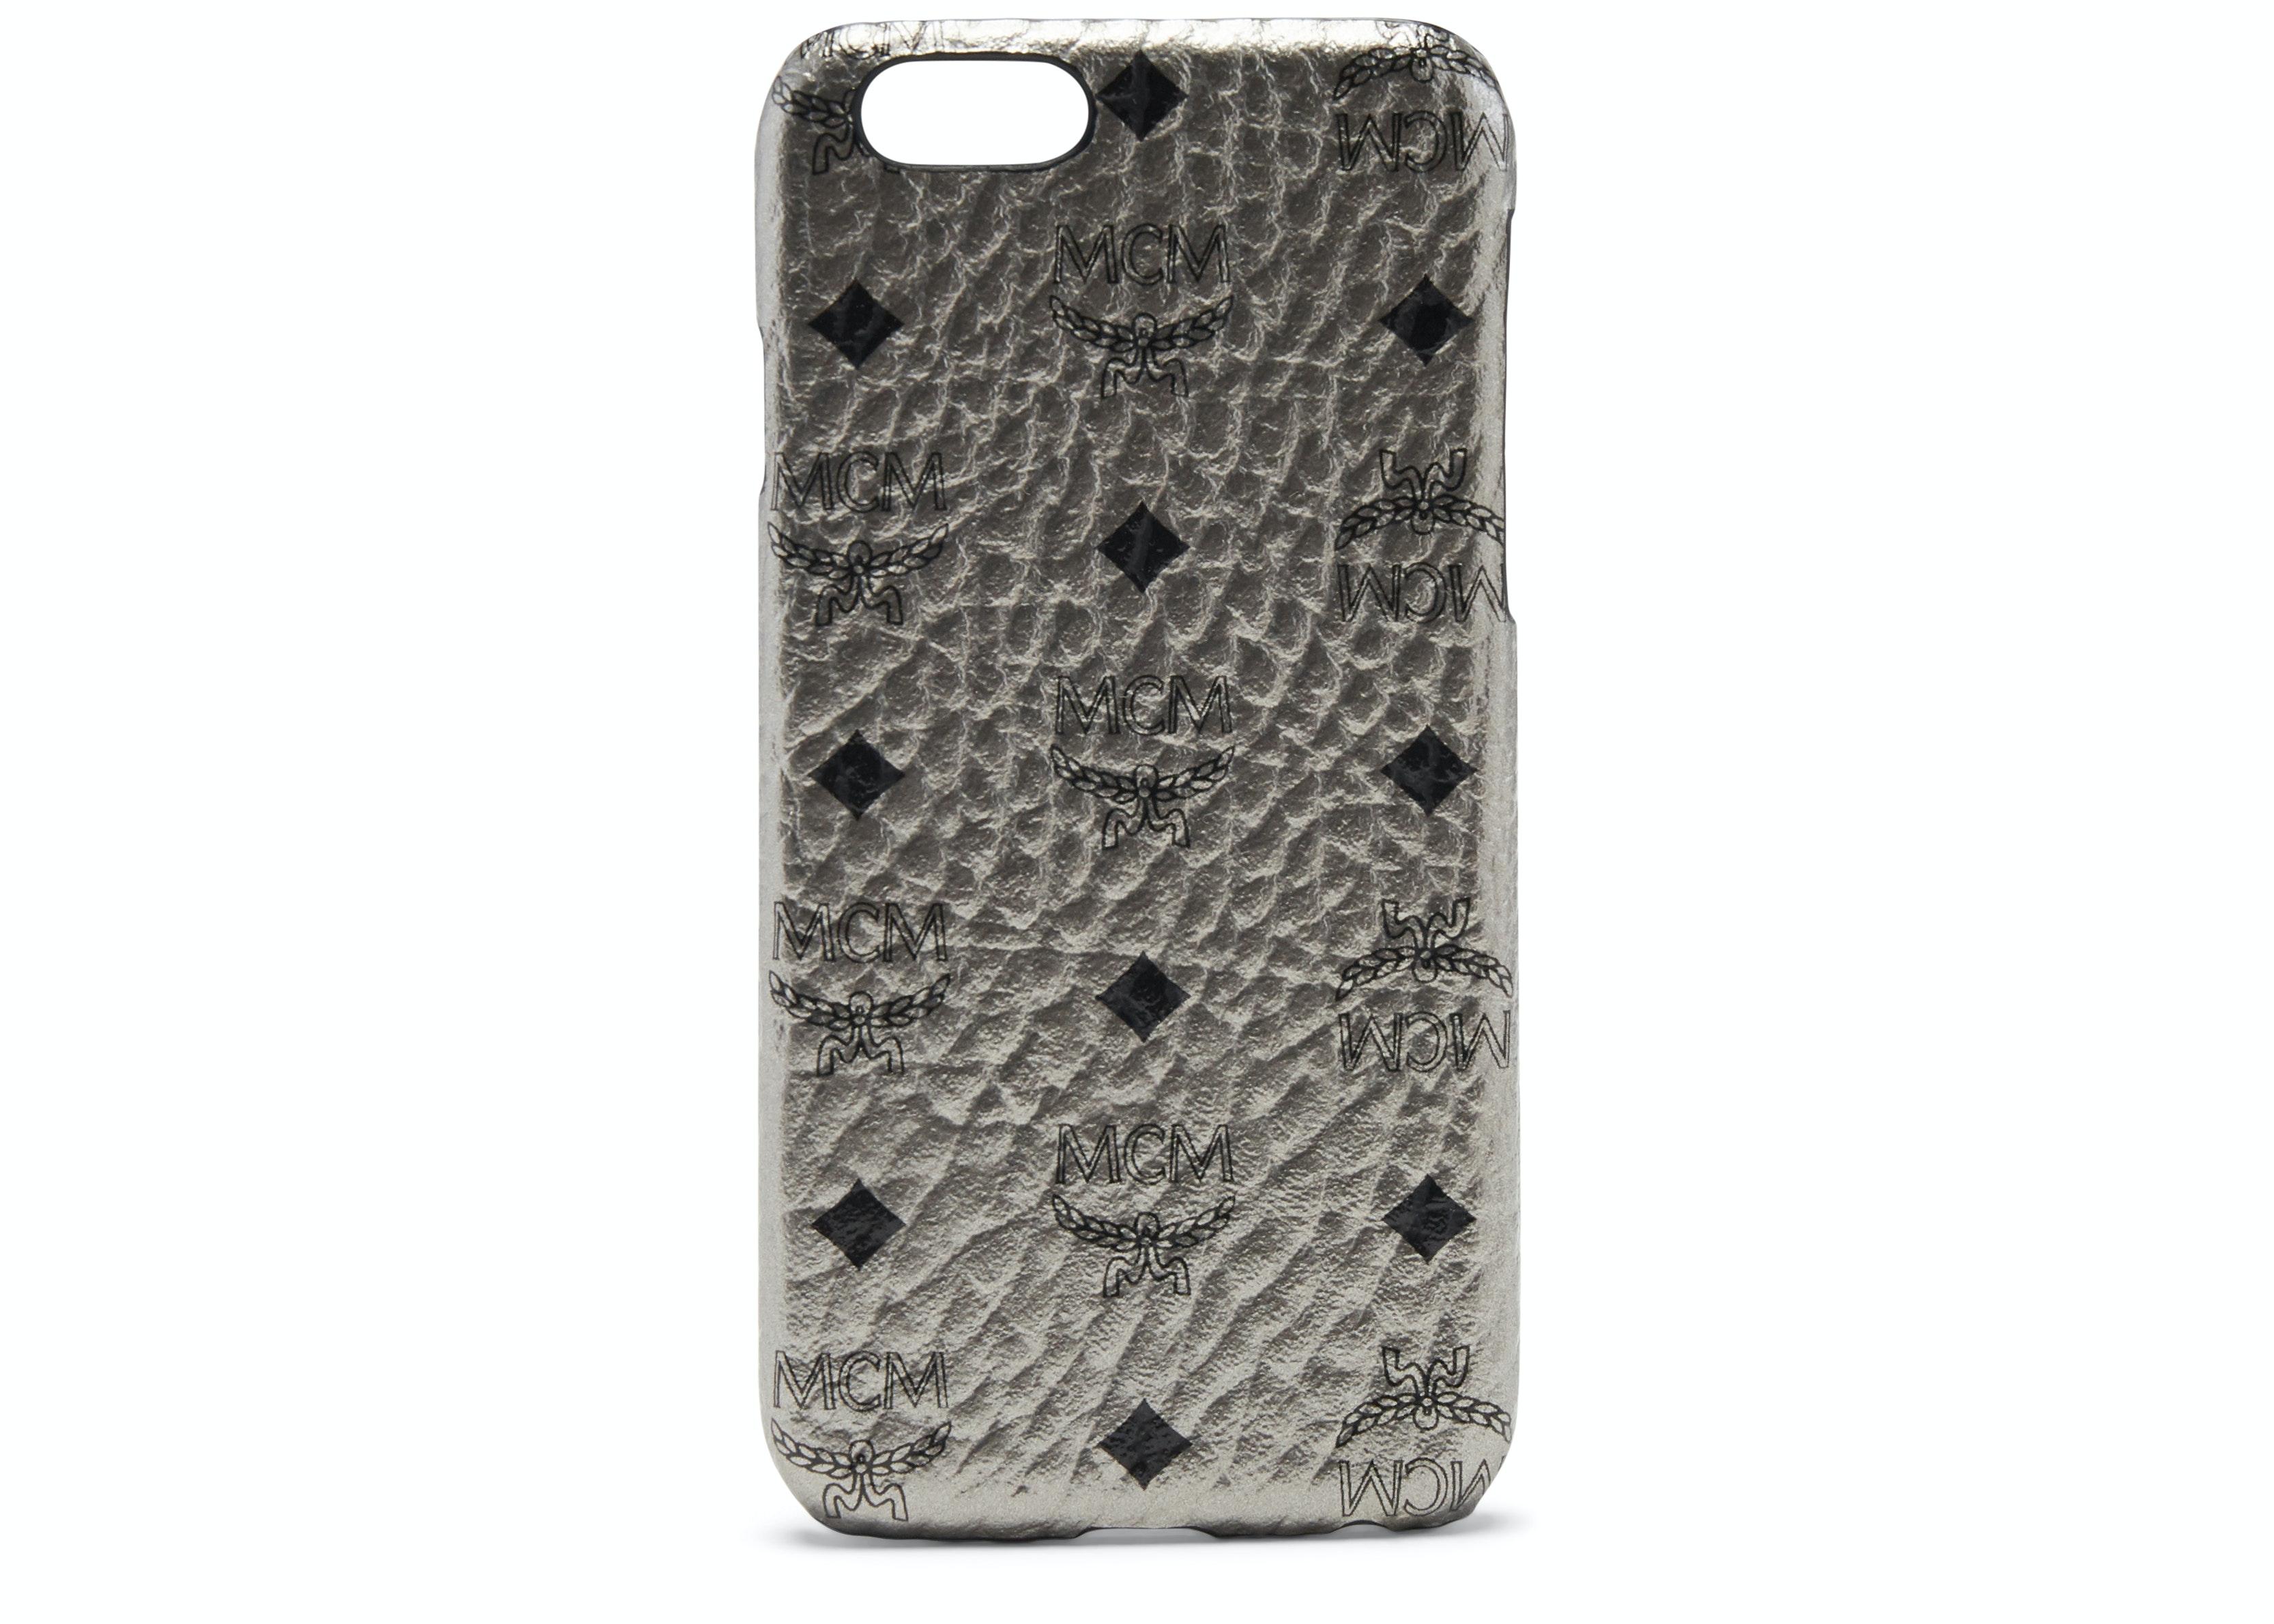 MCM iPhone Case Visetos 6S/7/8 Plus Metallic Silver